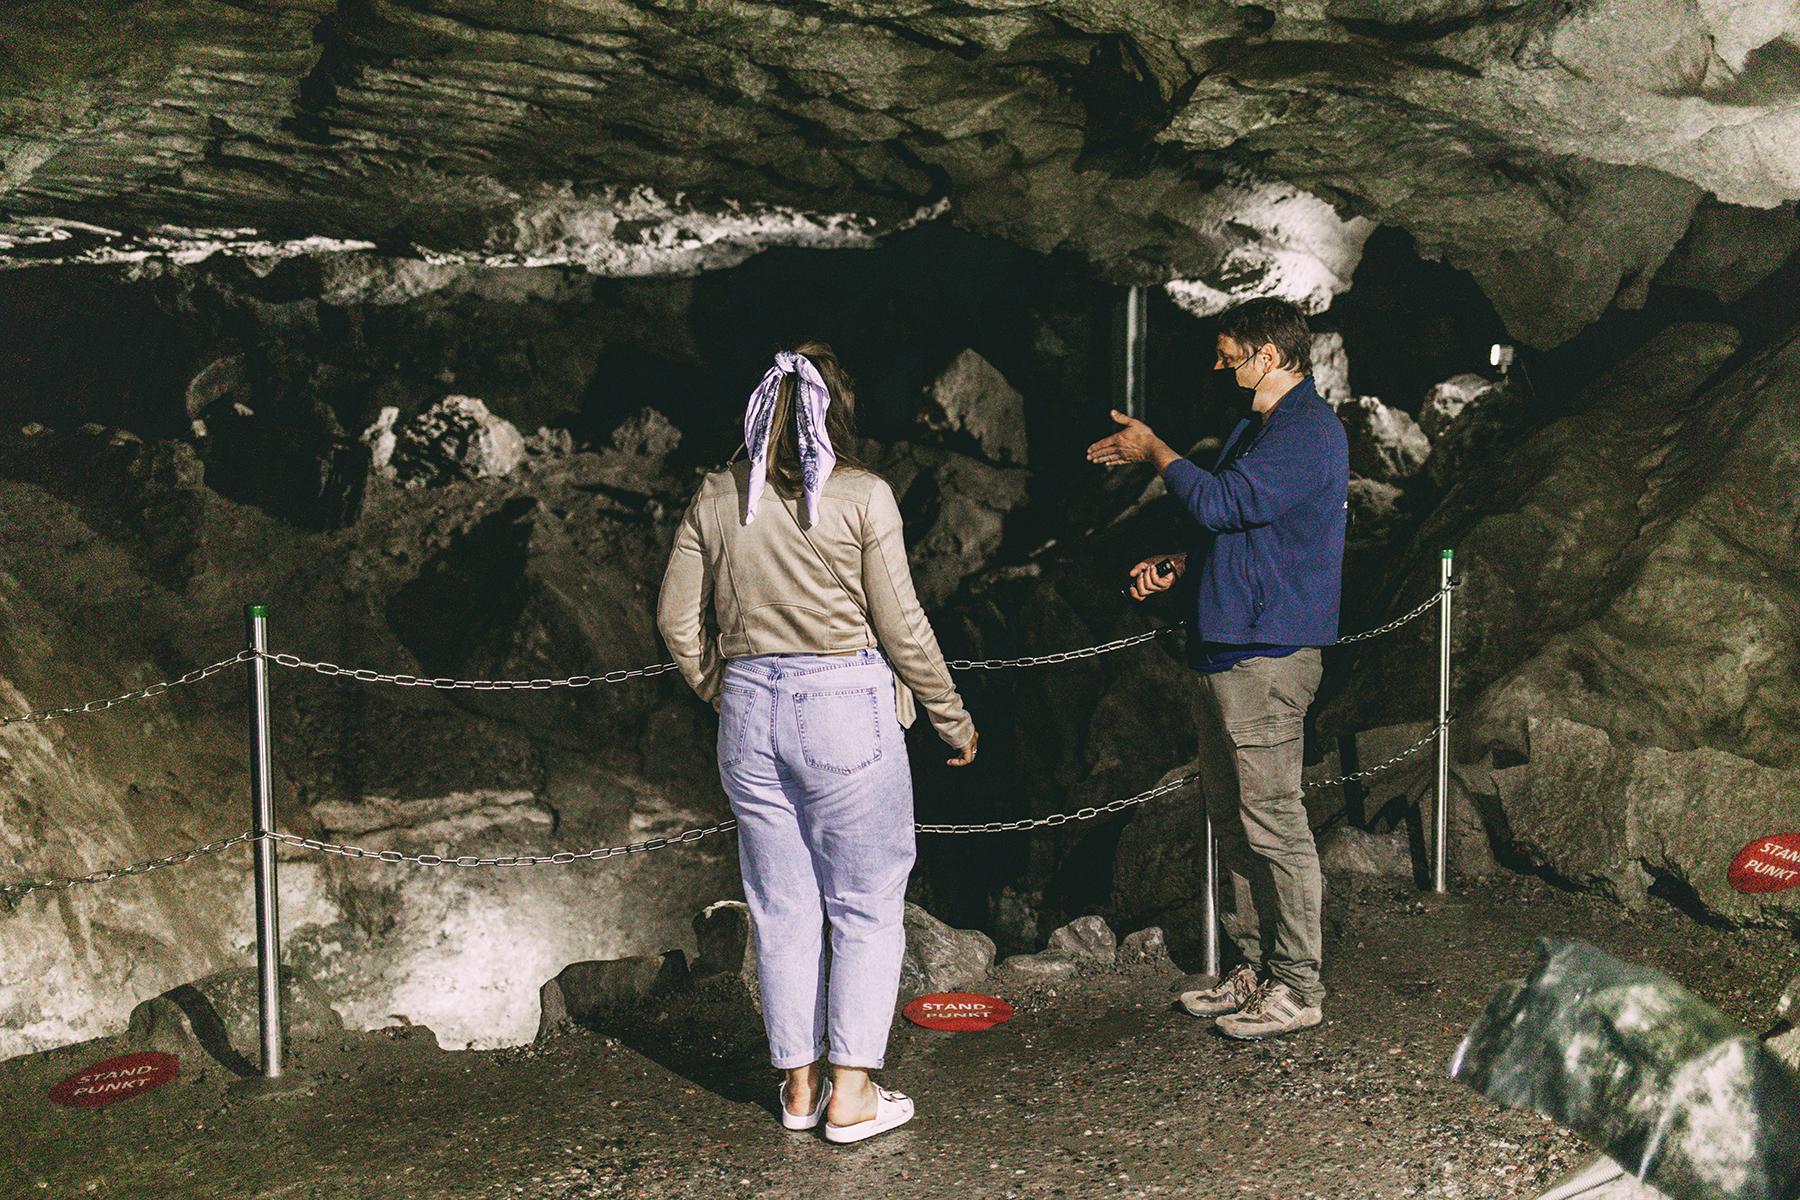 Höhlenführung Bad Segeberg